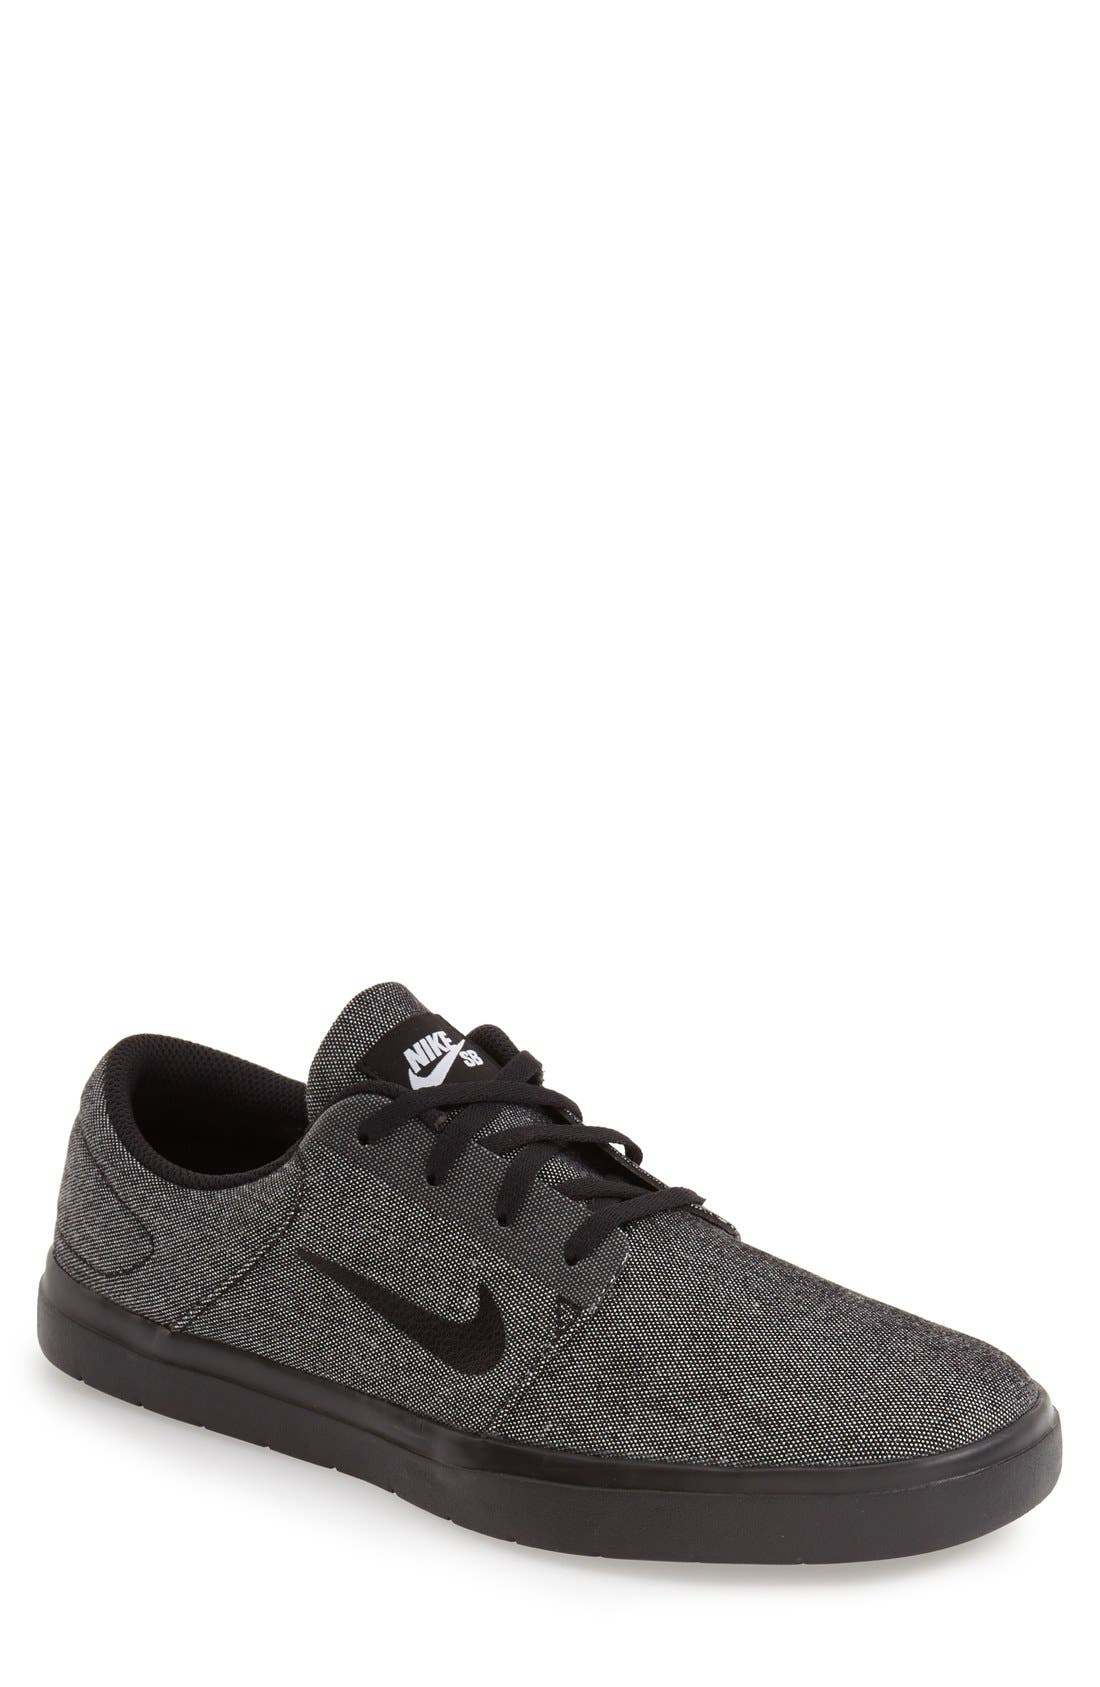 Alternate Image 1 Selected - Nike 'SB Portmore Ultralight' Skate Sneaker (Men)